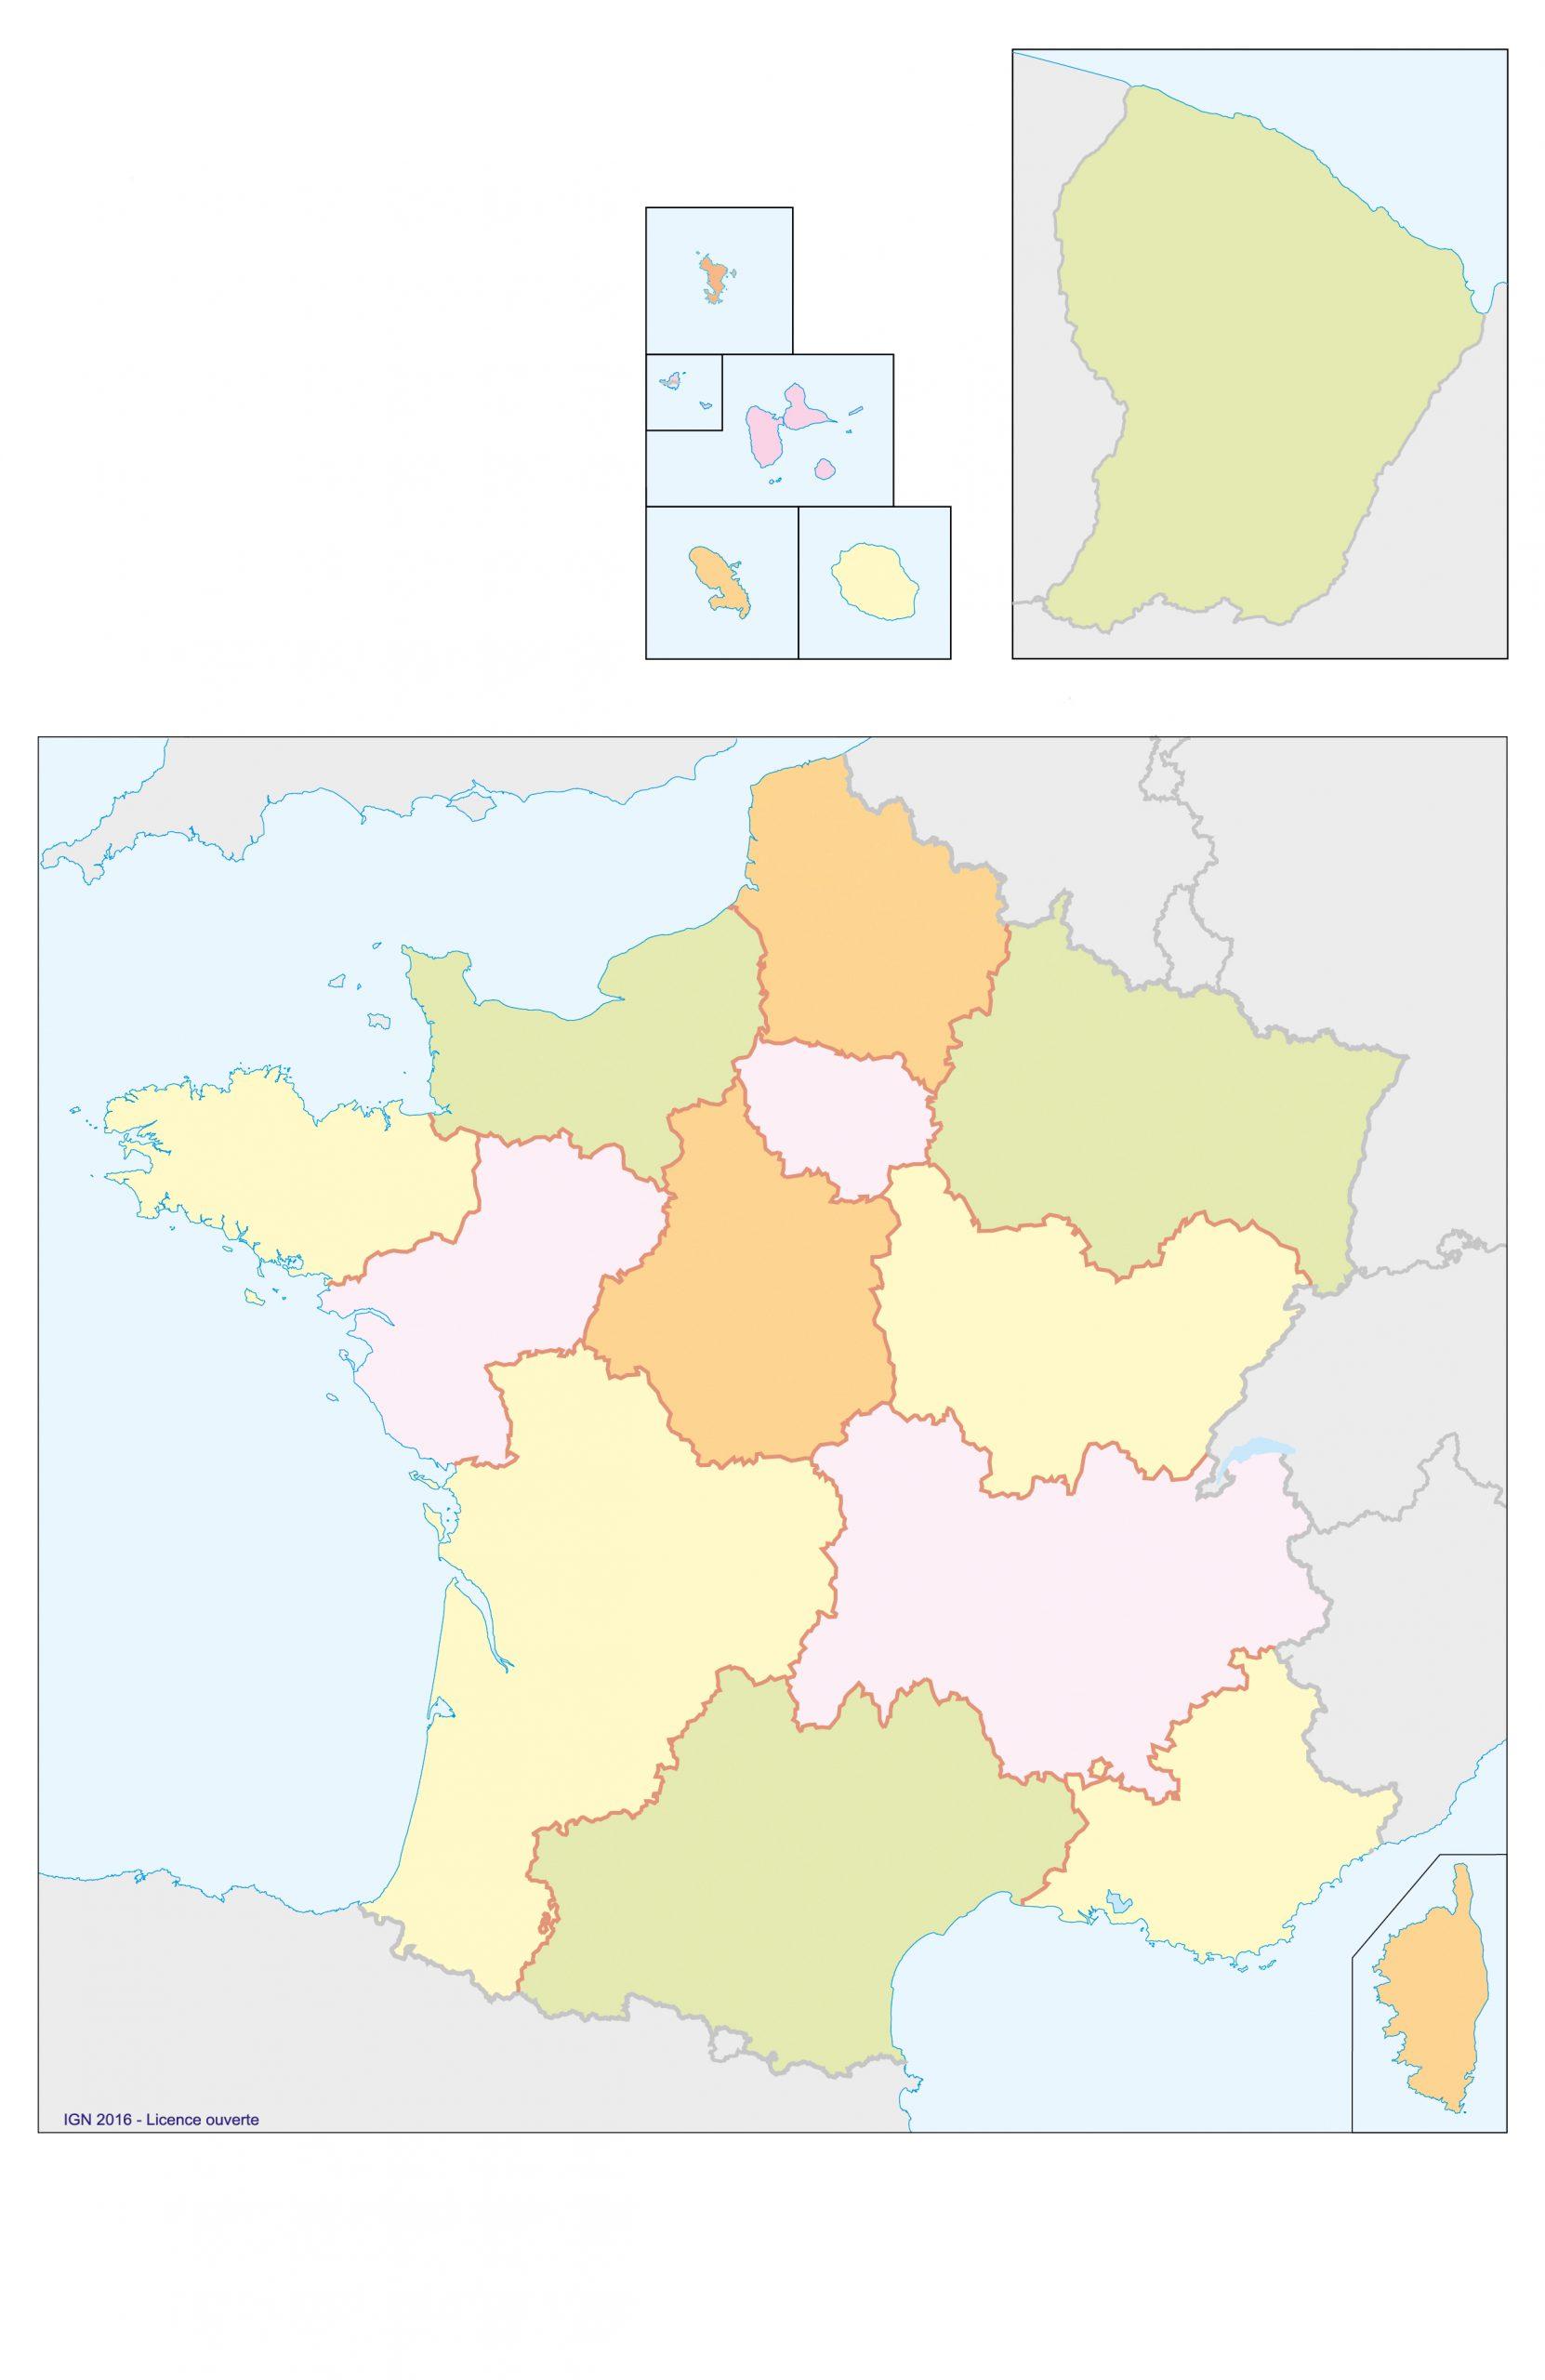 Fonds De Cartes | Éducation intérieur Carte France D Outre Mer